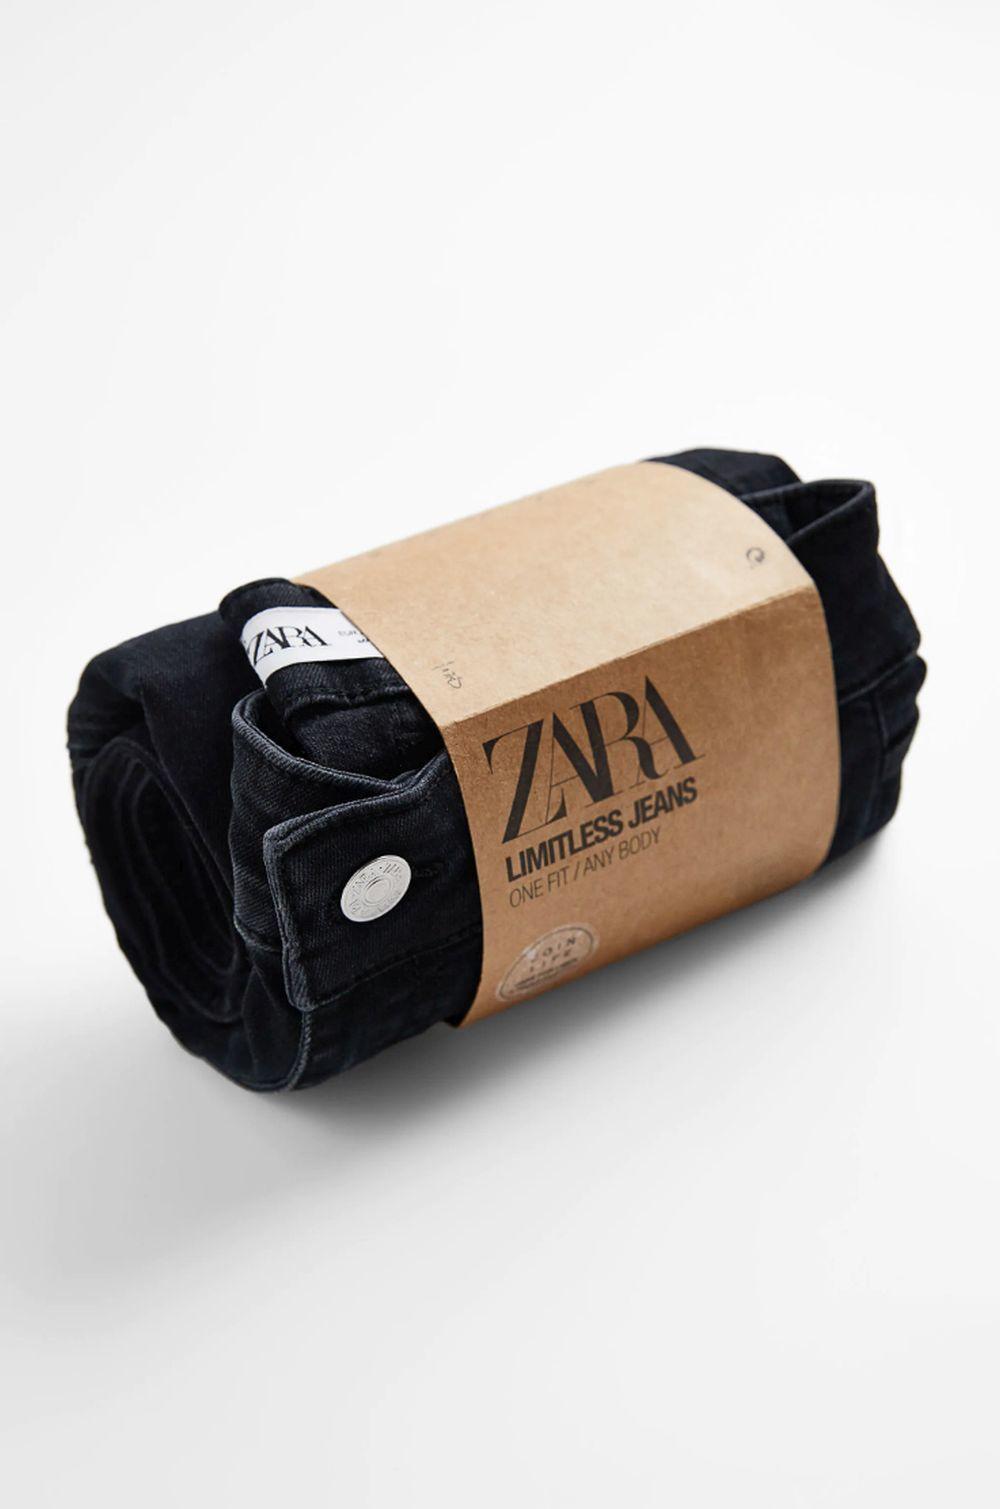 Limitless Jeans de Zara.